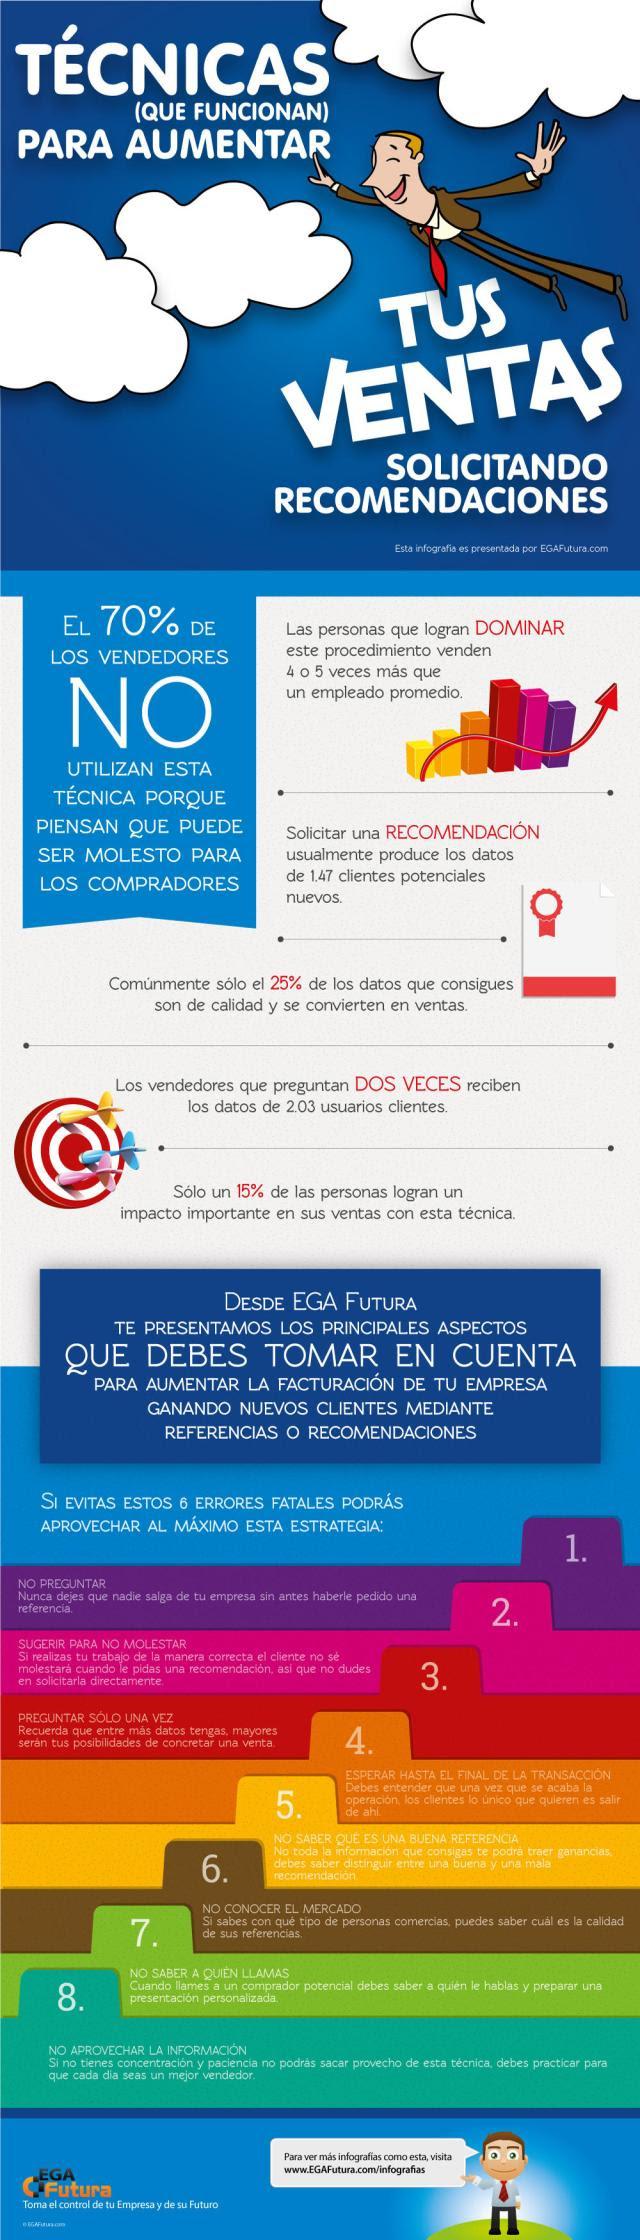 Infografías sobre VENTAS